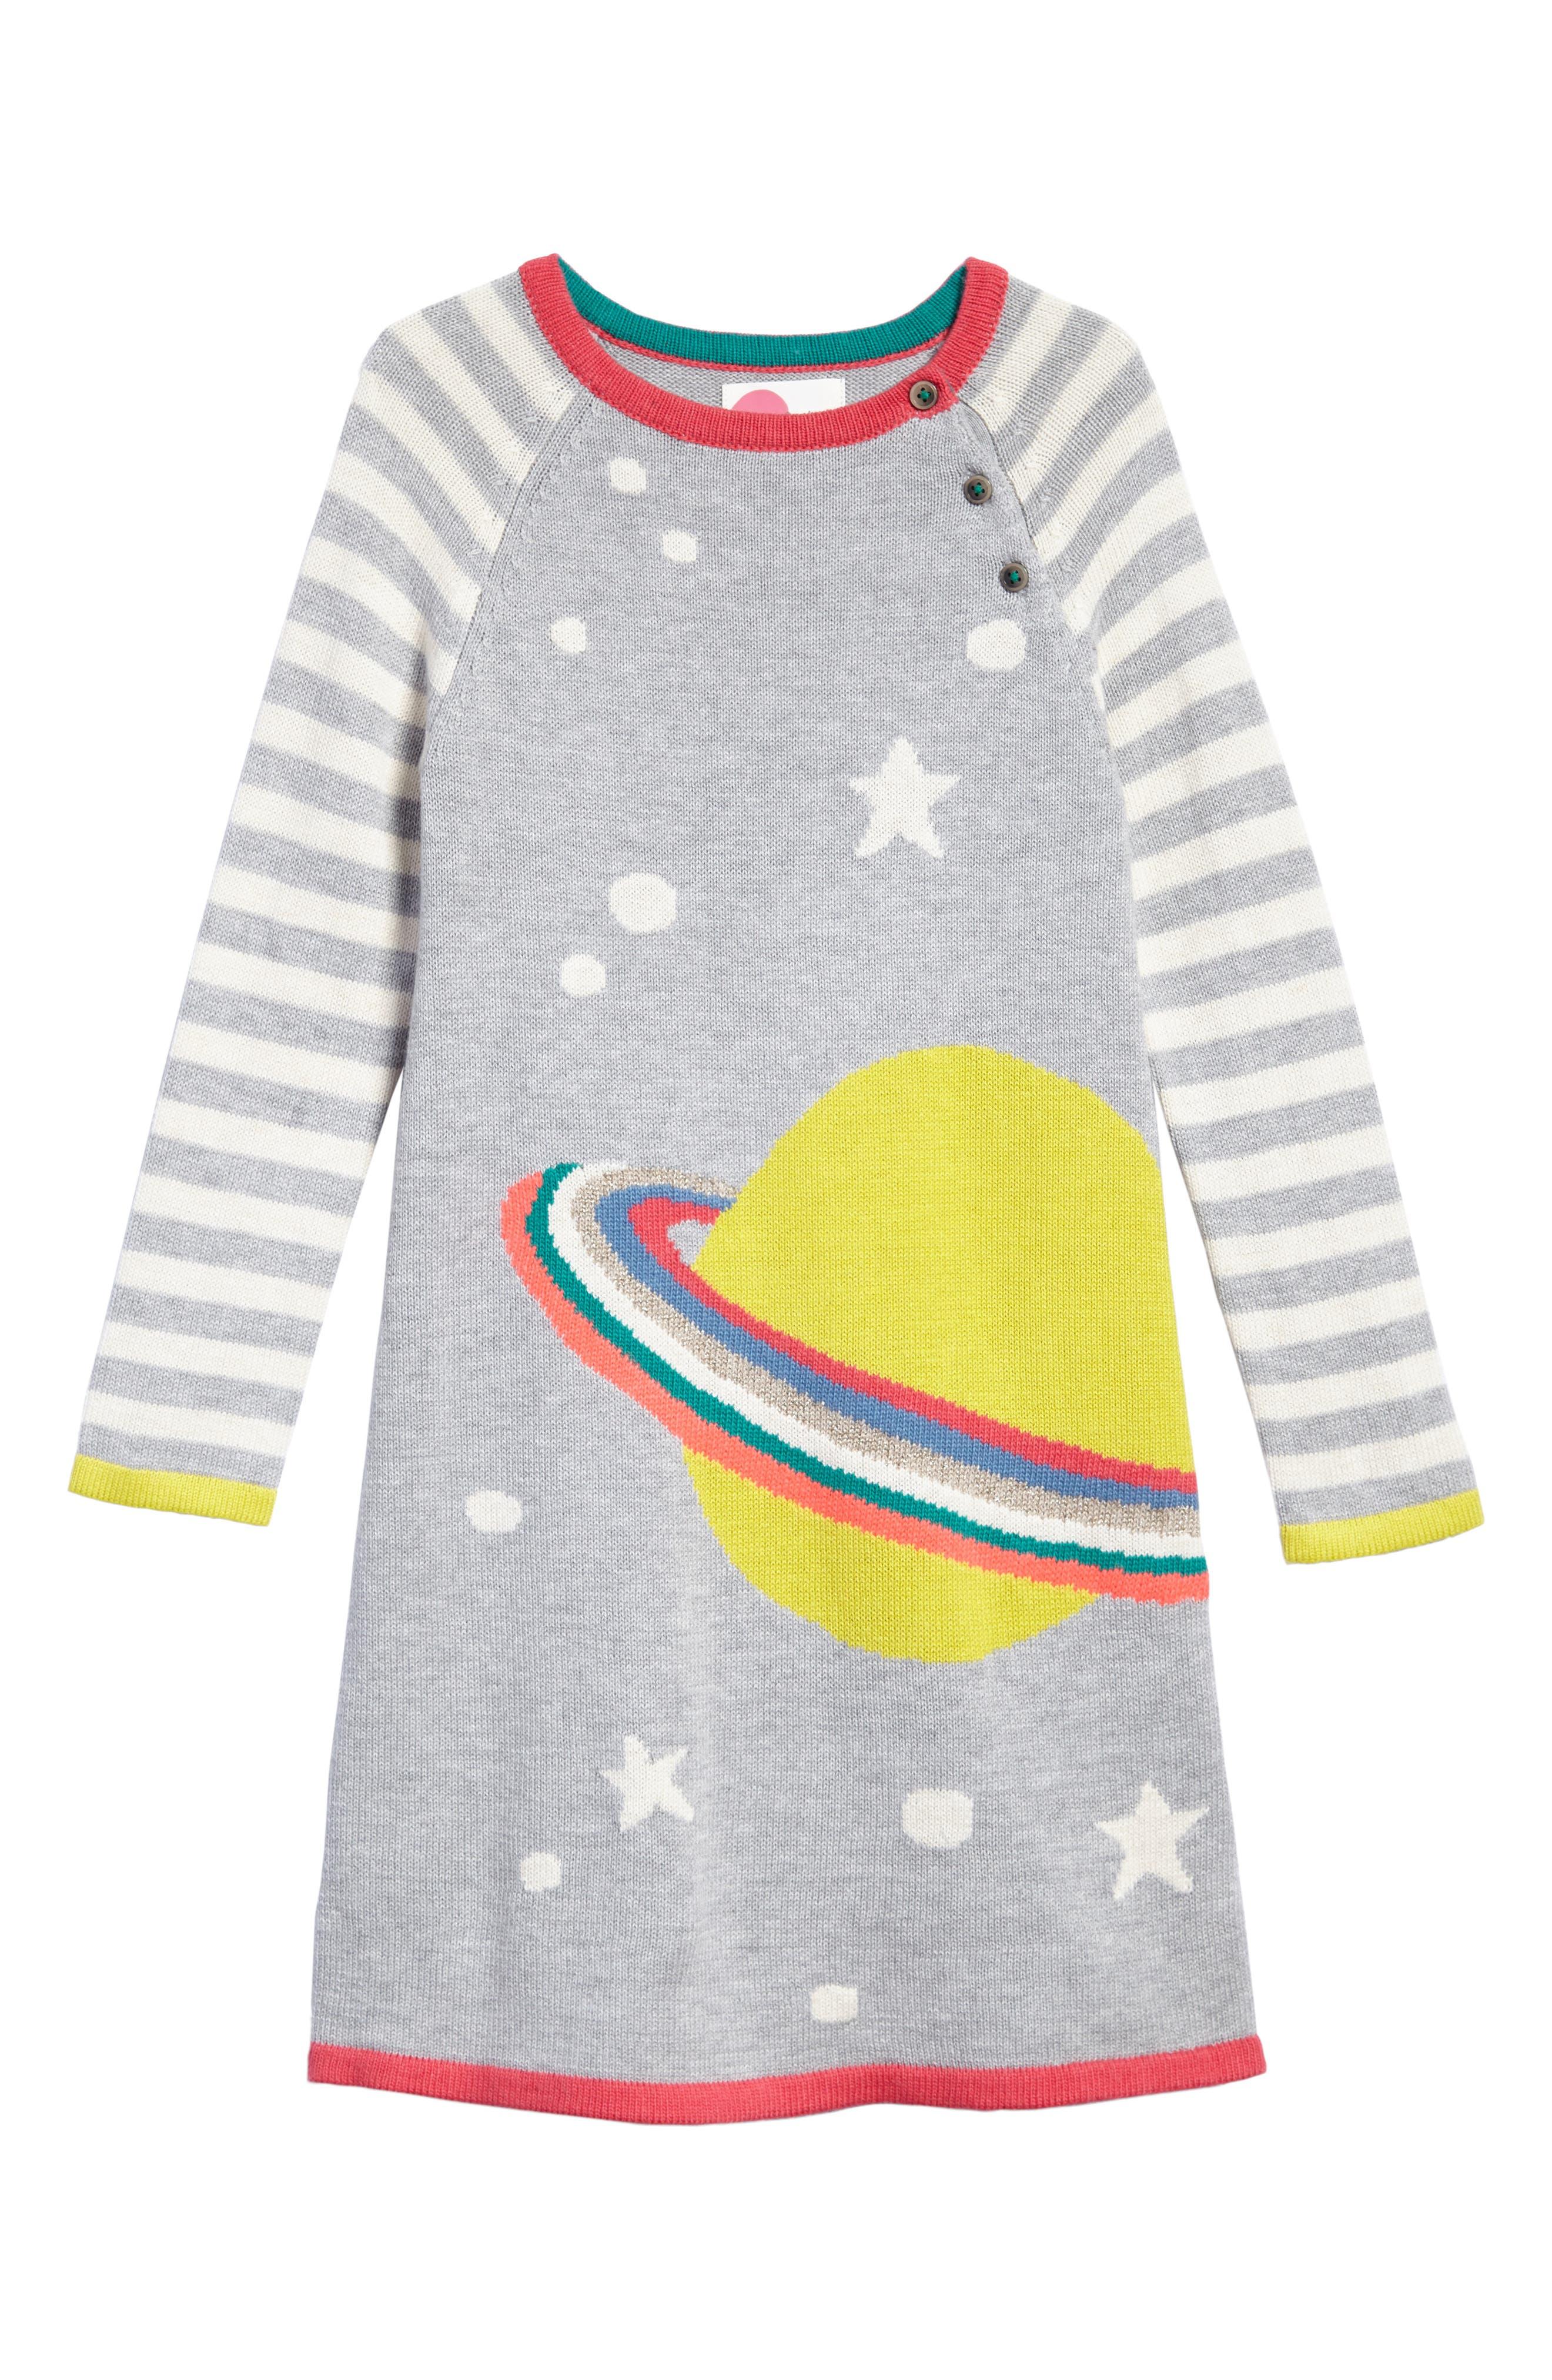 Mini Boden Fun Knit Dress (Toddler Girls, Little Girls & Big Girls)